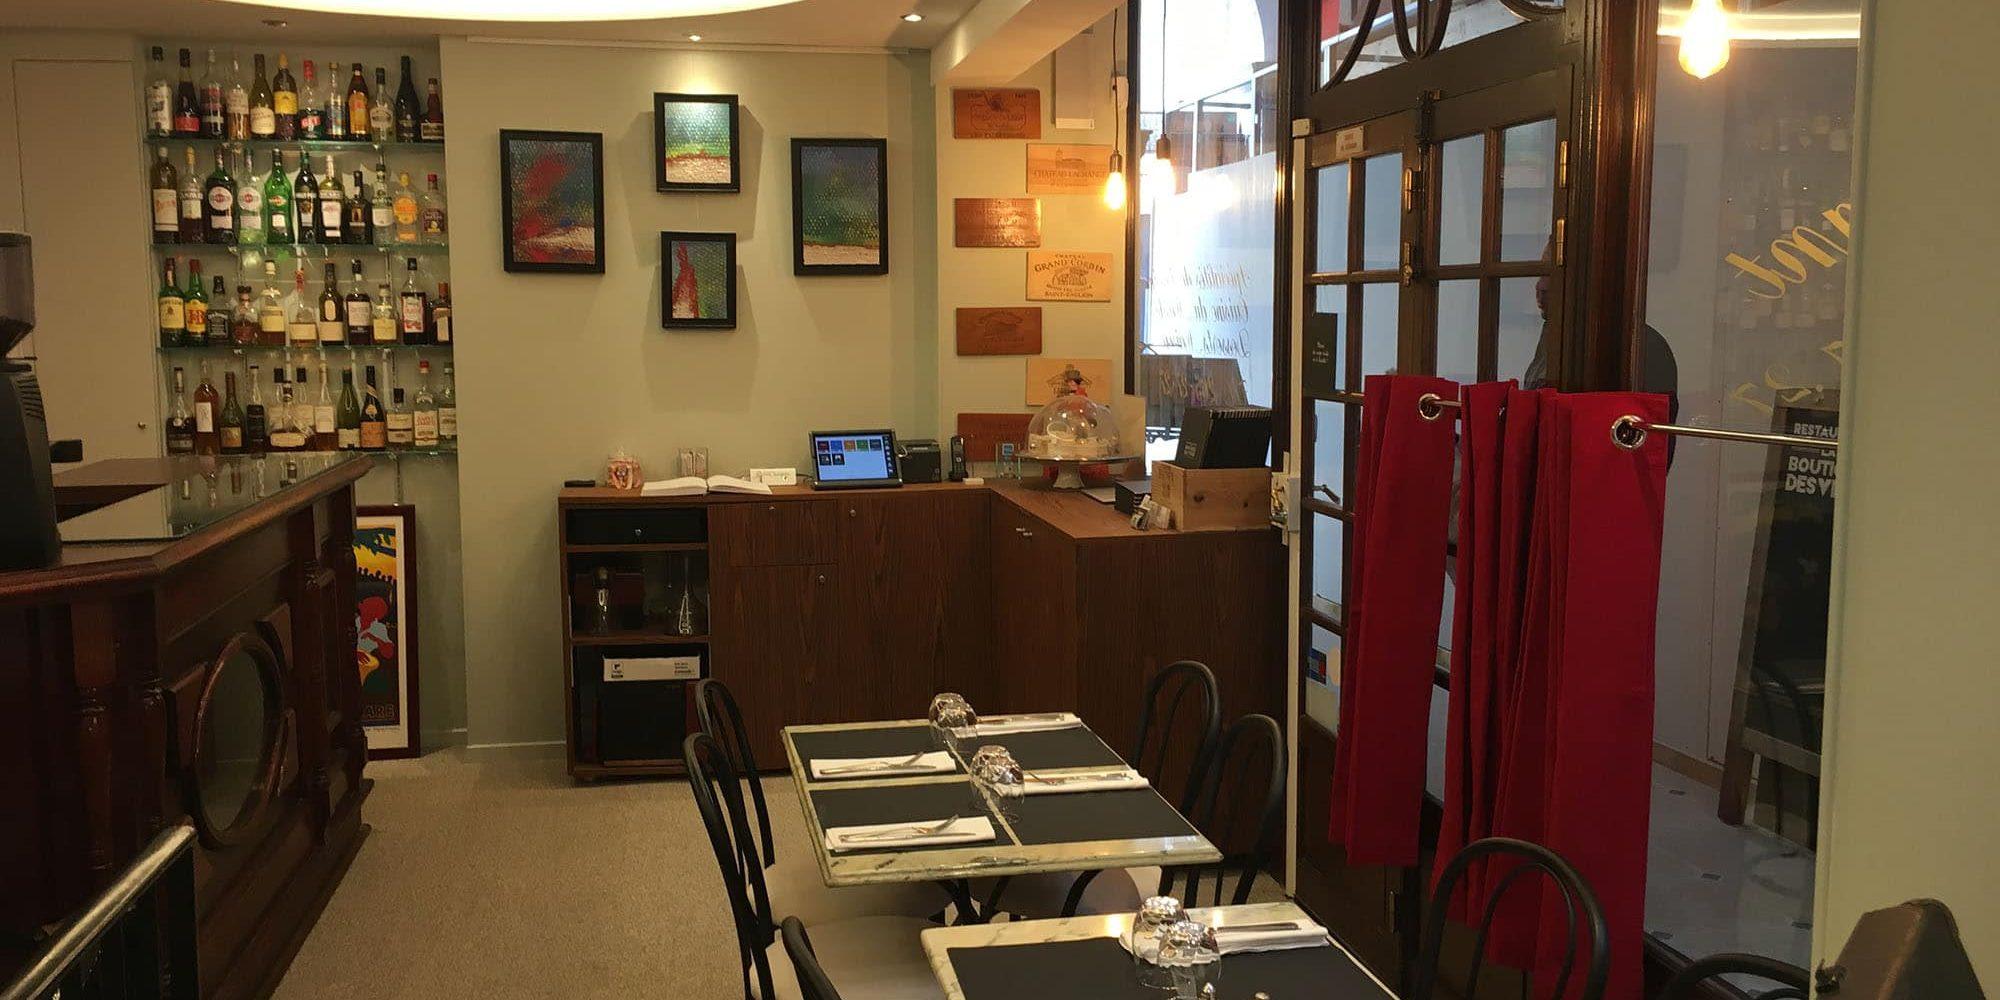 Salle principale restaurant boutique des vins Paris